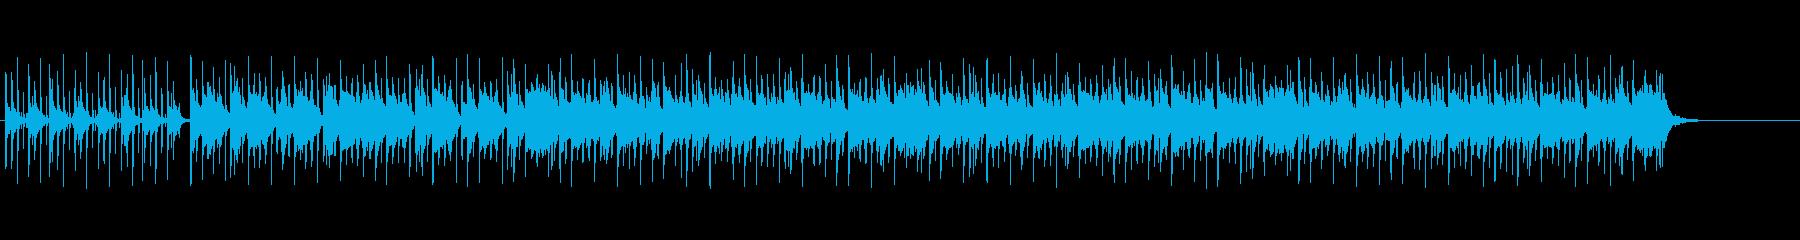 怪しさのあるジングルの再生済みの波形